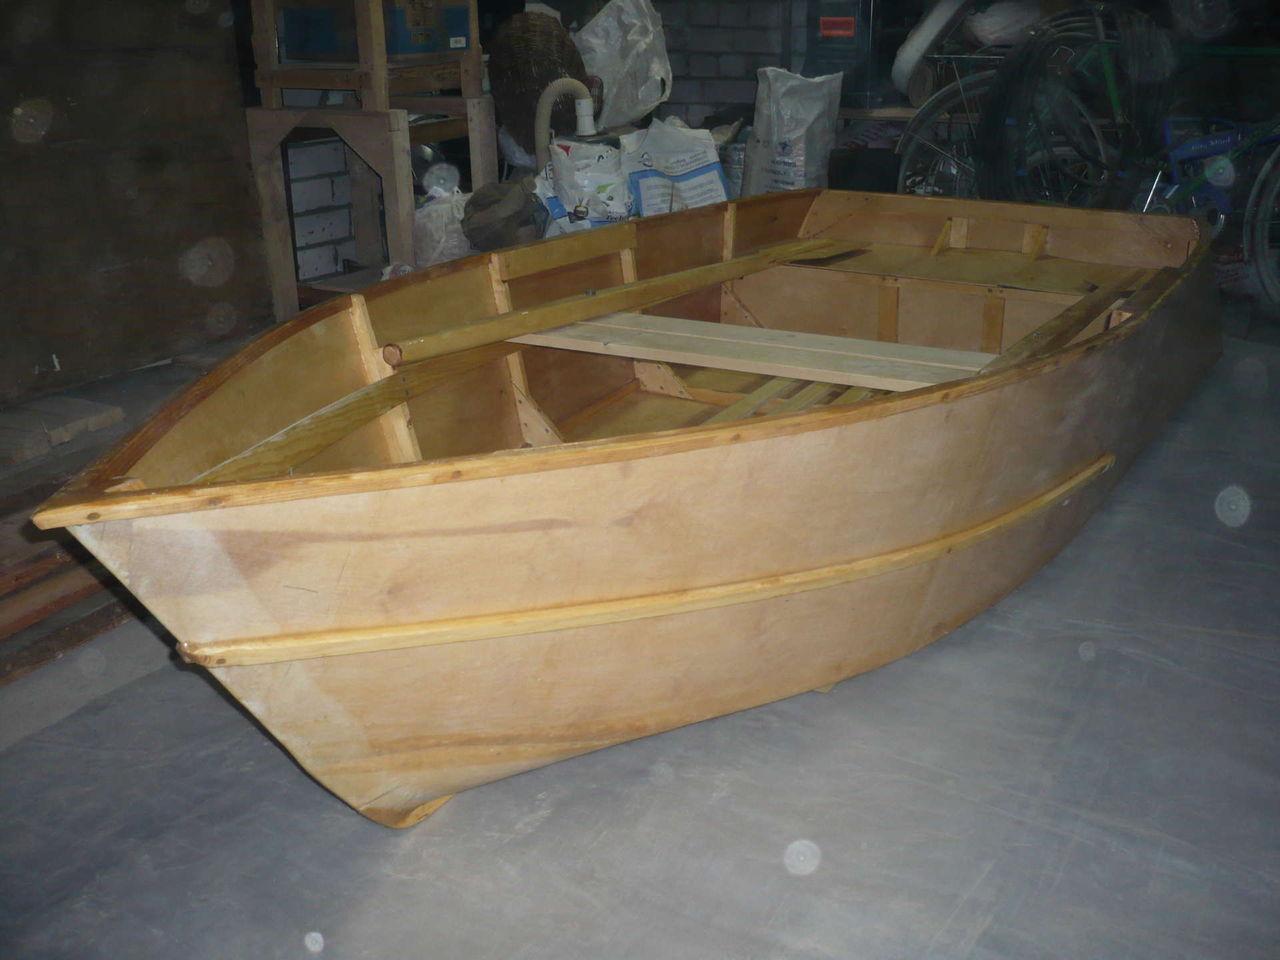 чем проклеить фанерную лодку